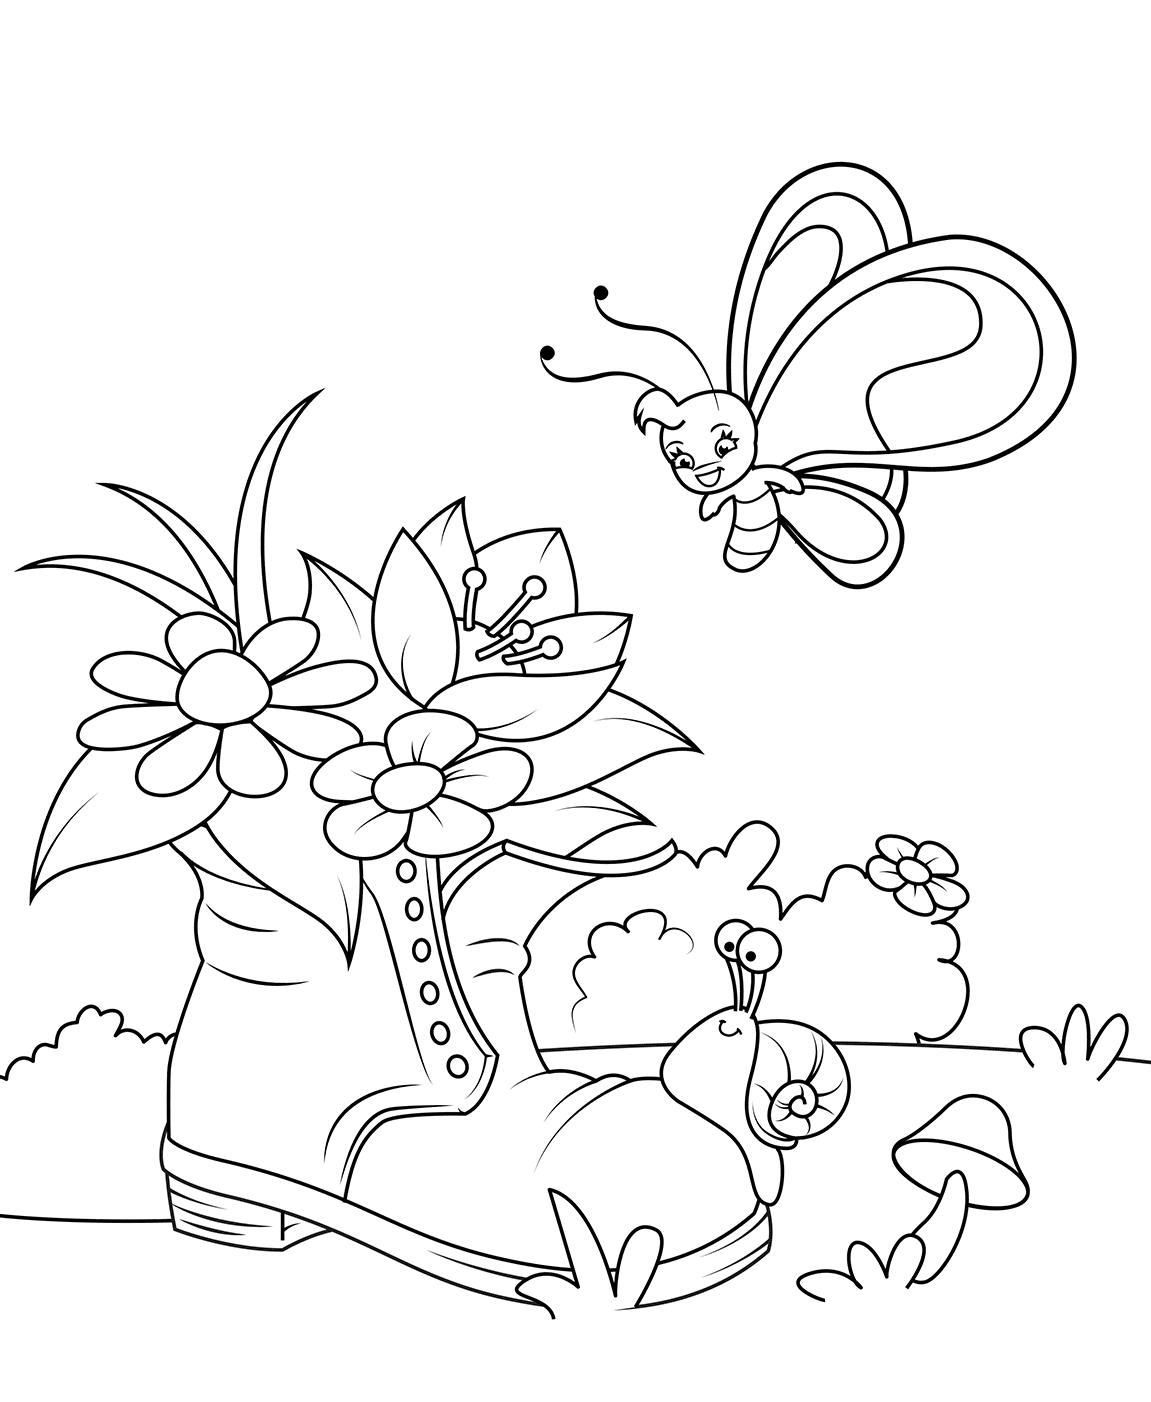 Раскраска Сапог с цветочками